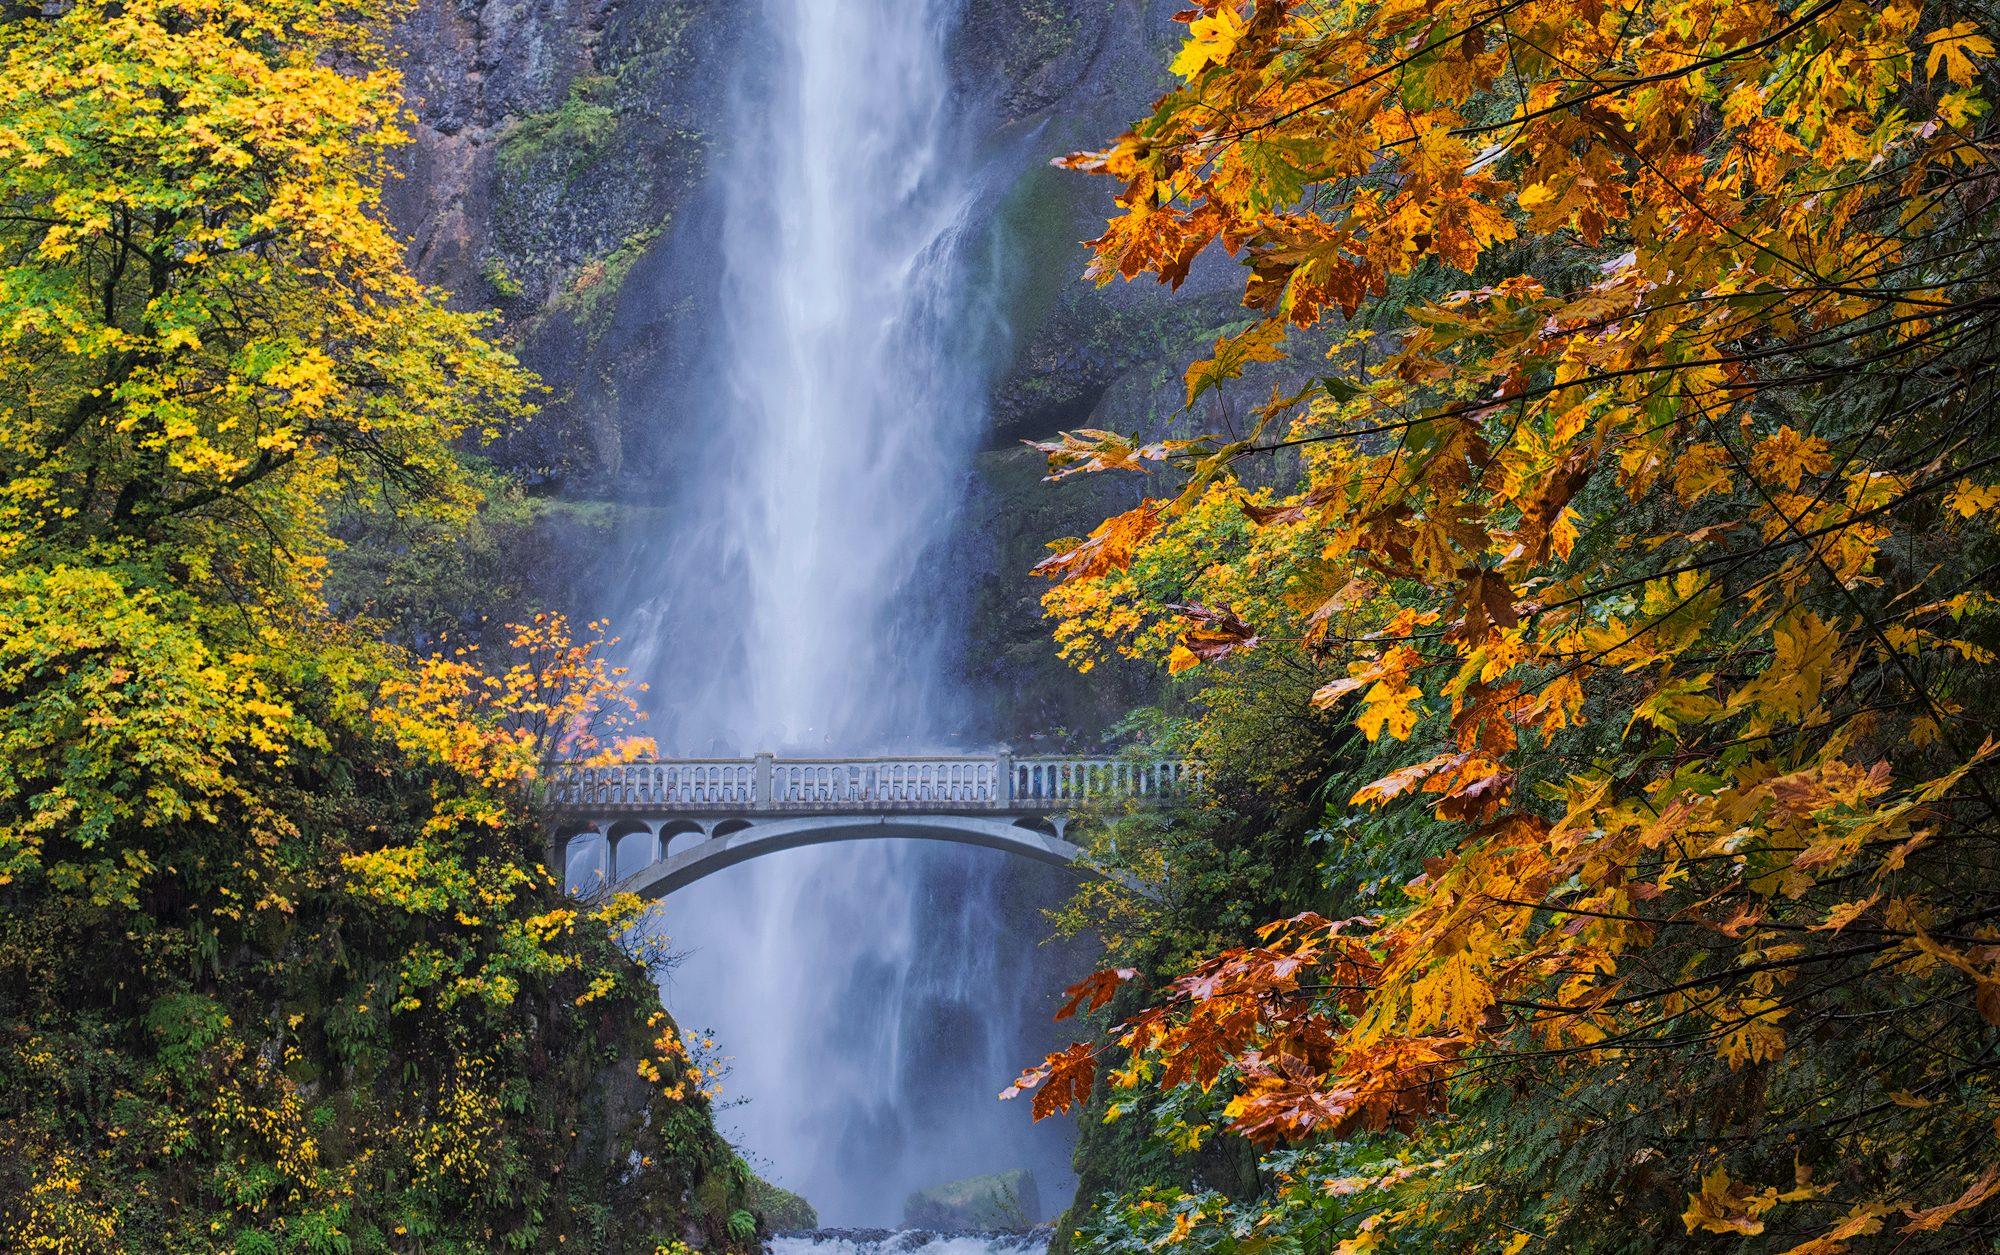 Columbia river Gorge, em Oregon, no outono. Crédito: